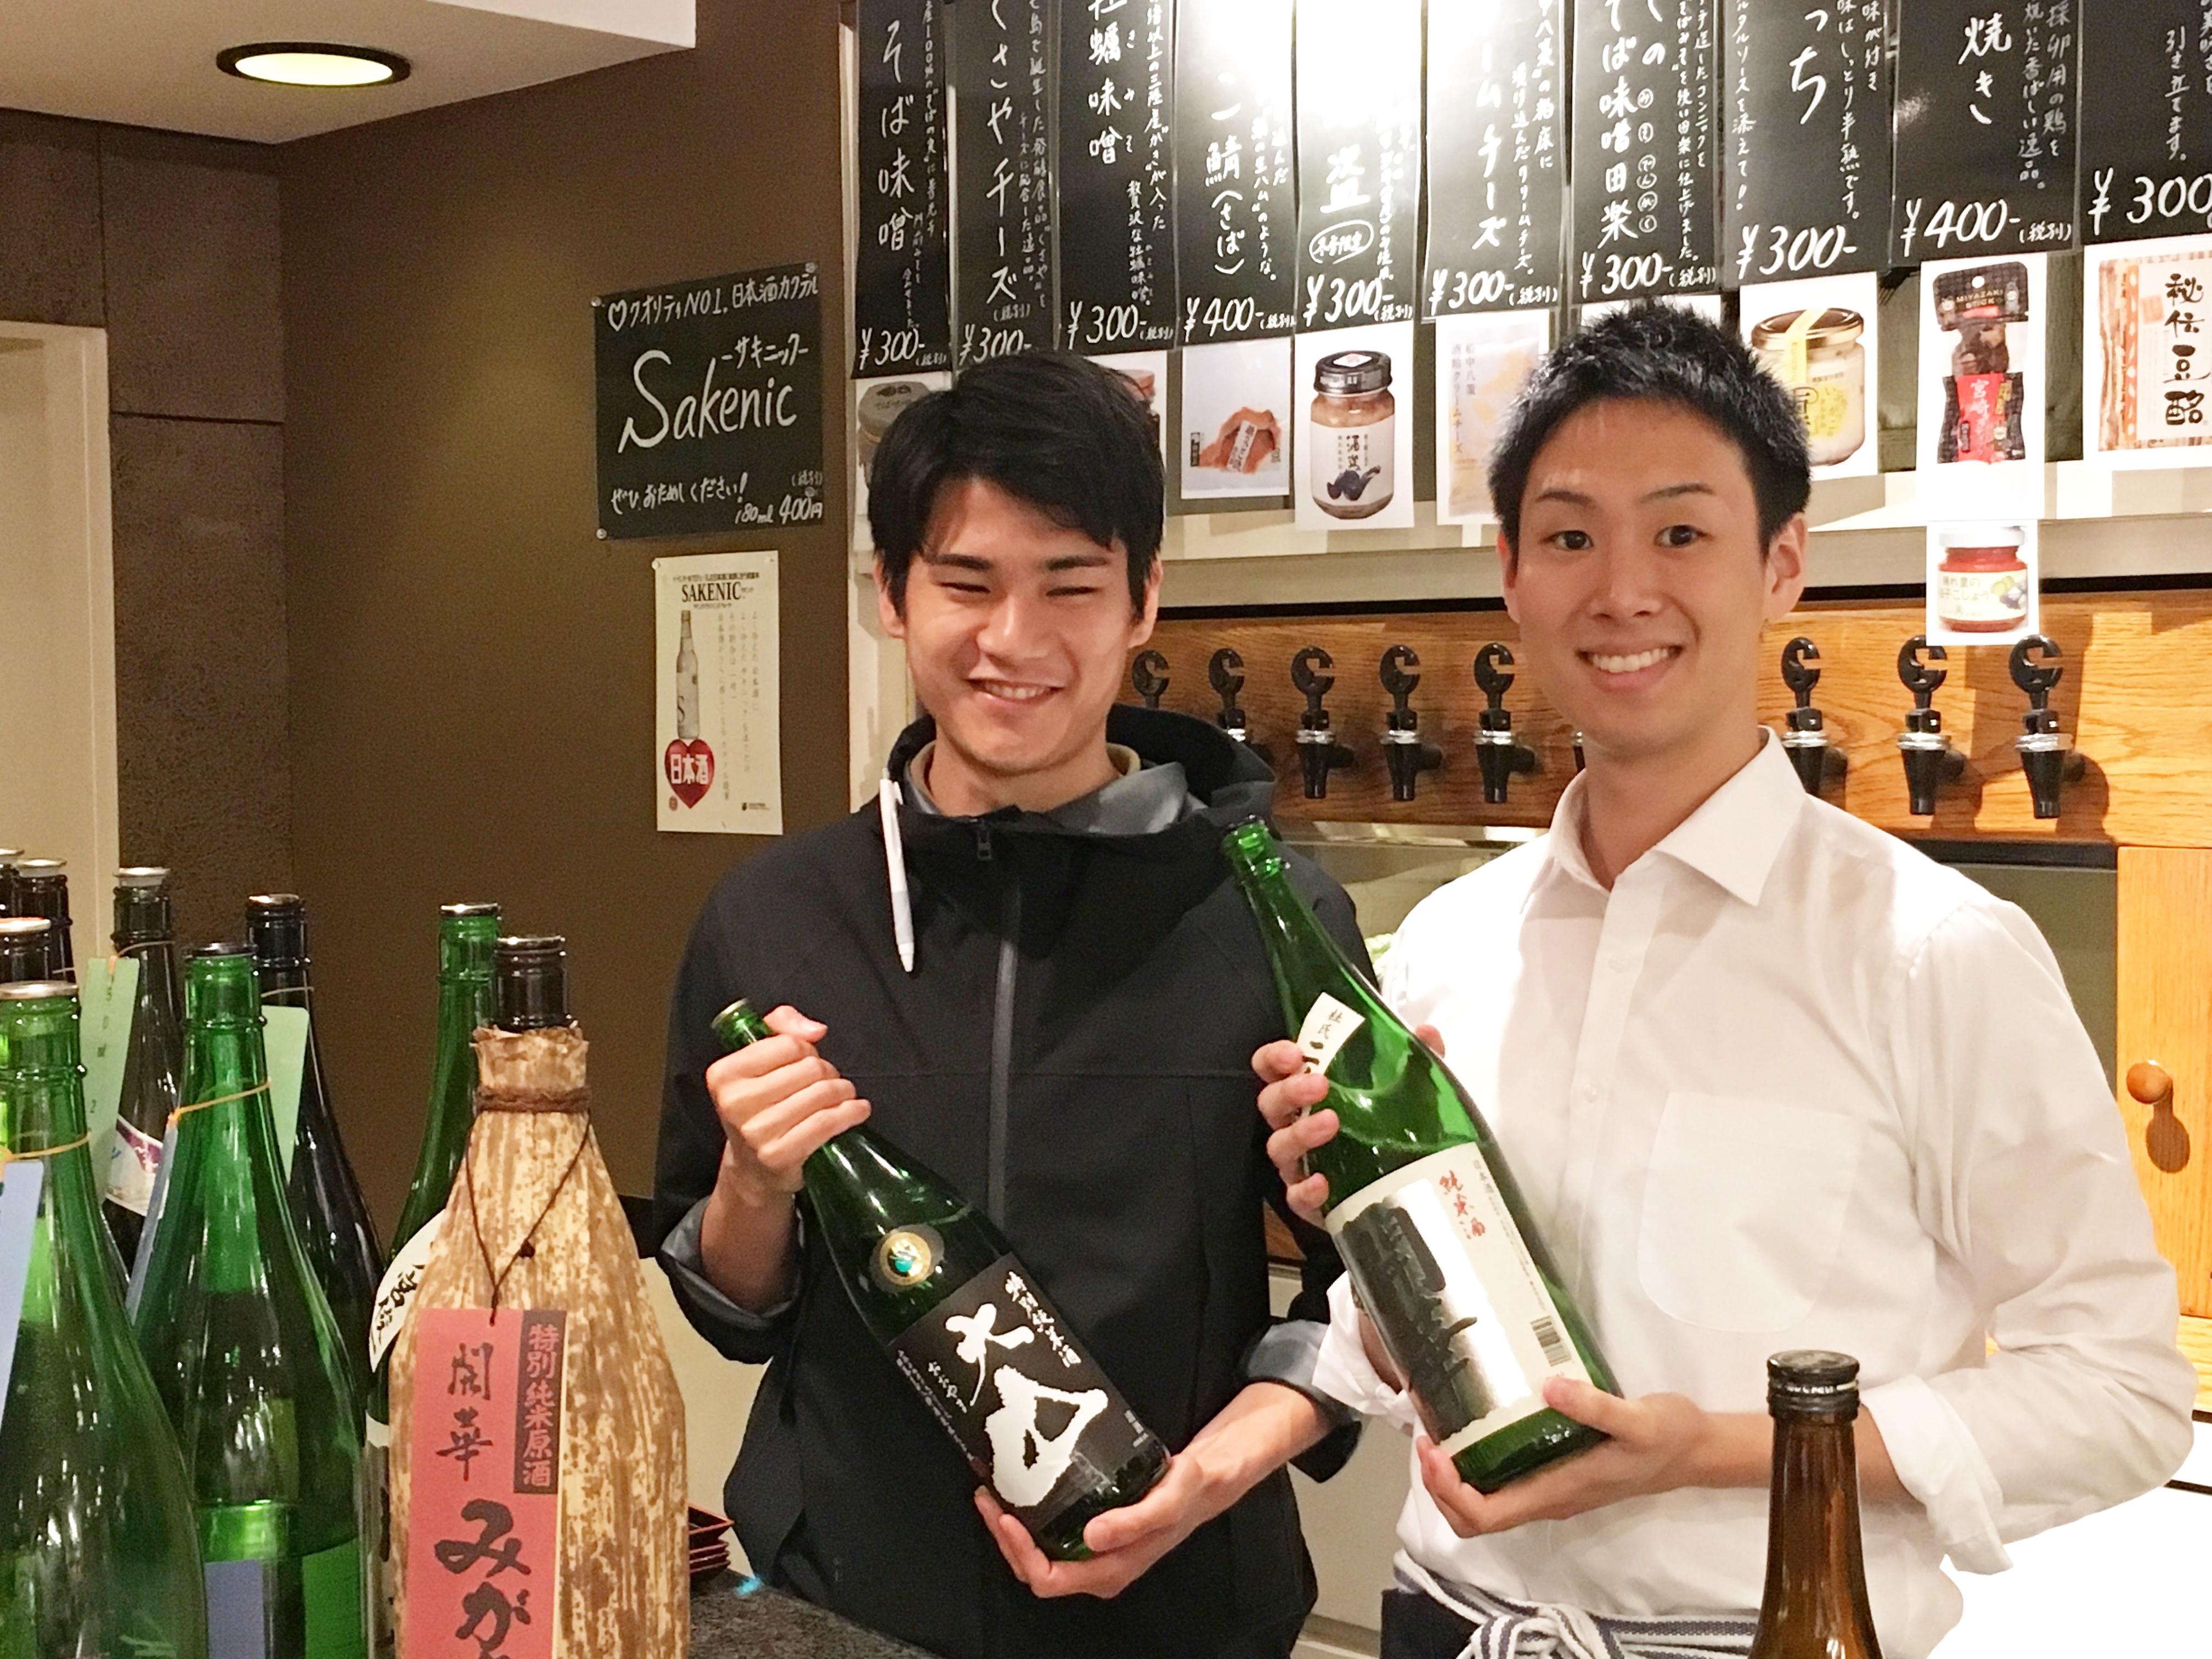 株式会社岡永は、現在、全国120余りの蔵元・1700余りの酒販店から成る「日本名門酒会」を運営しています。